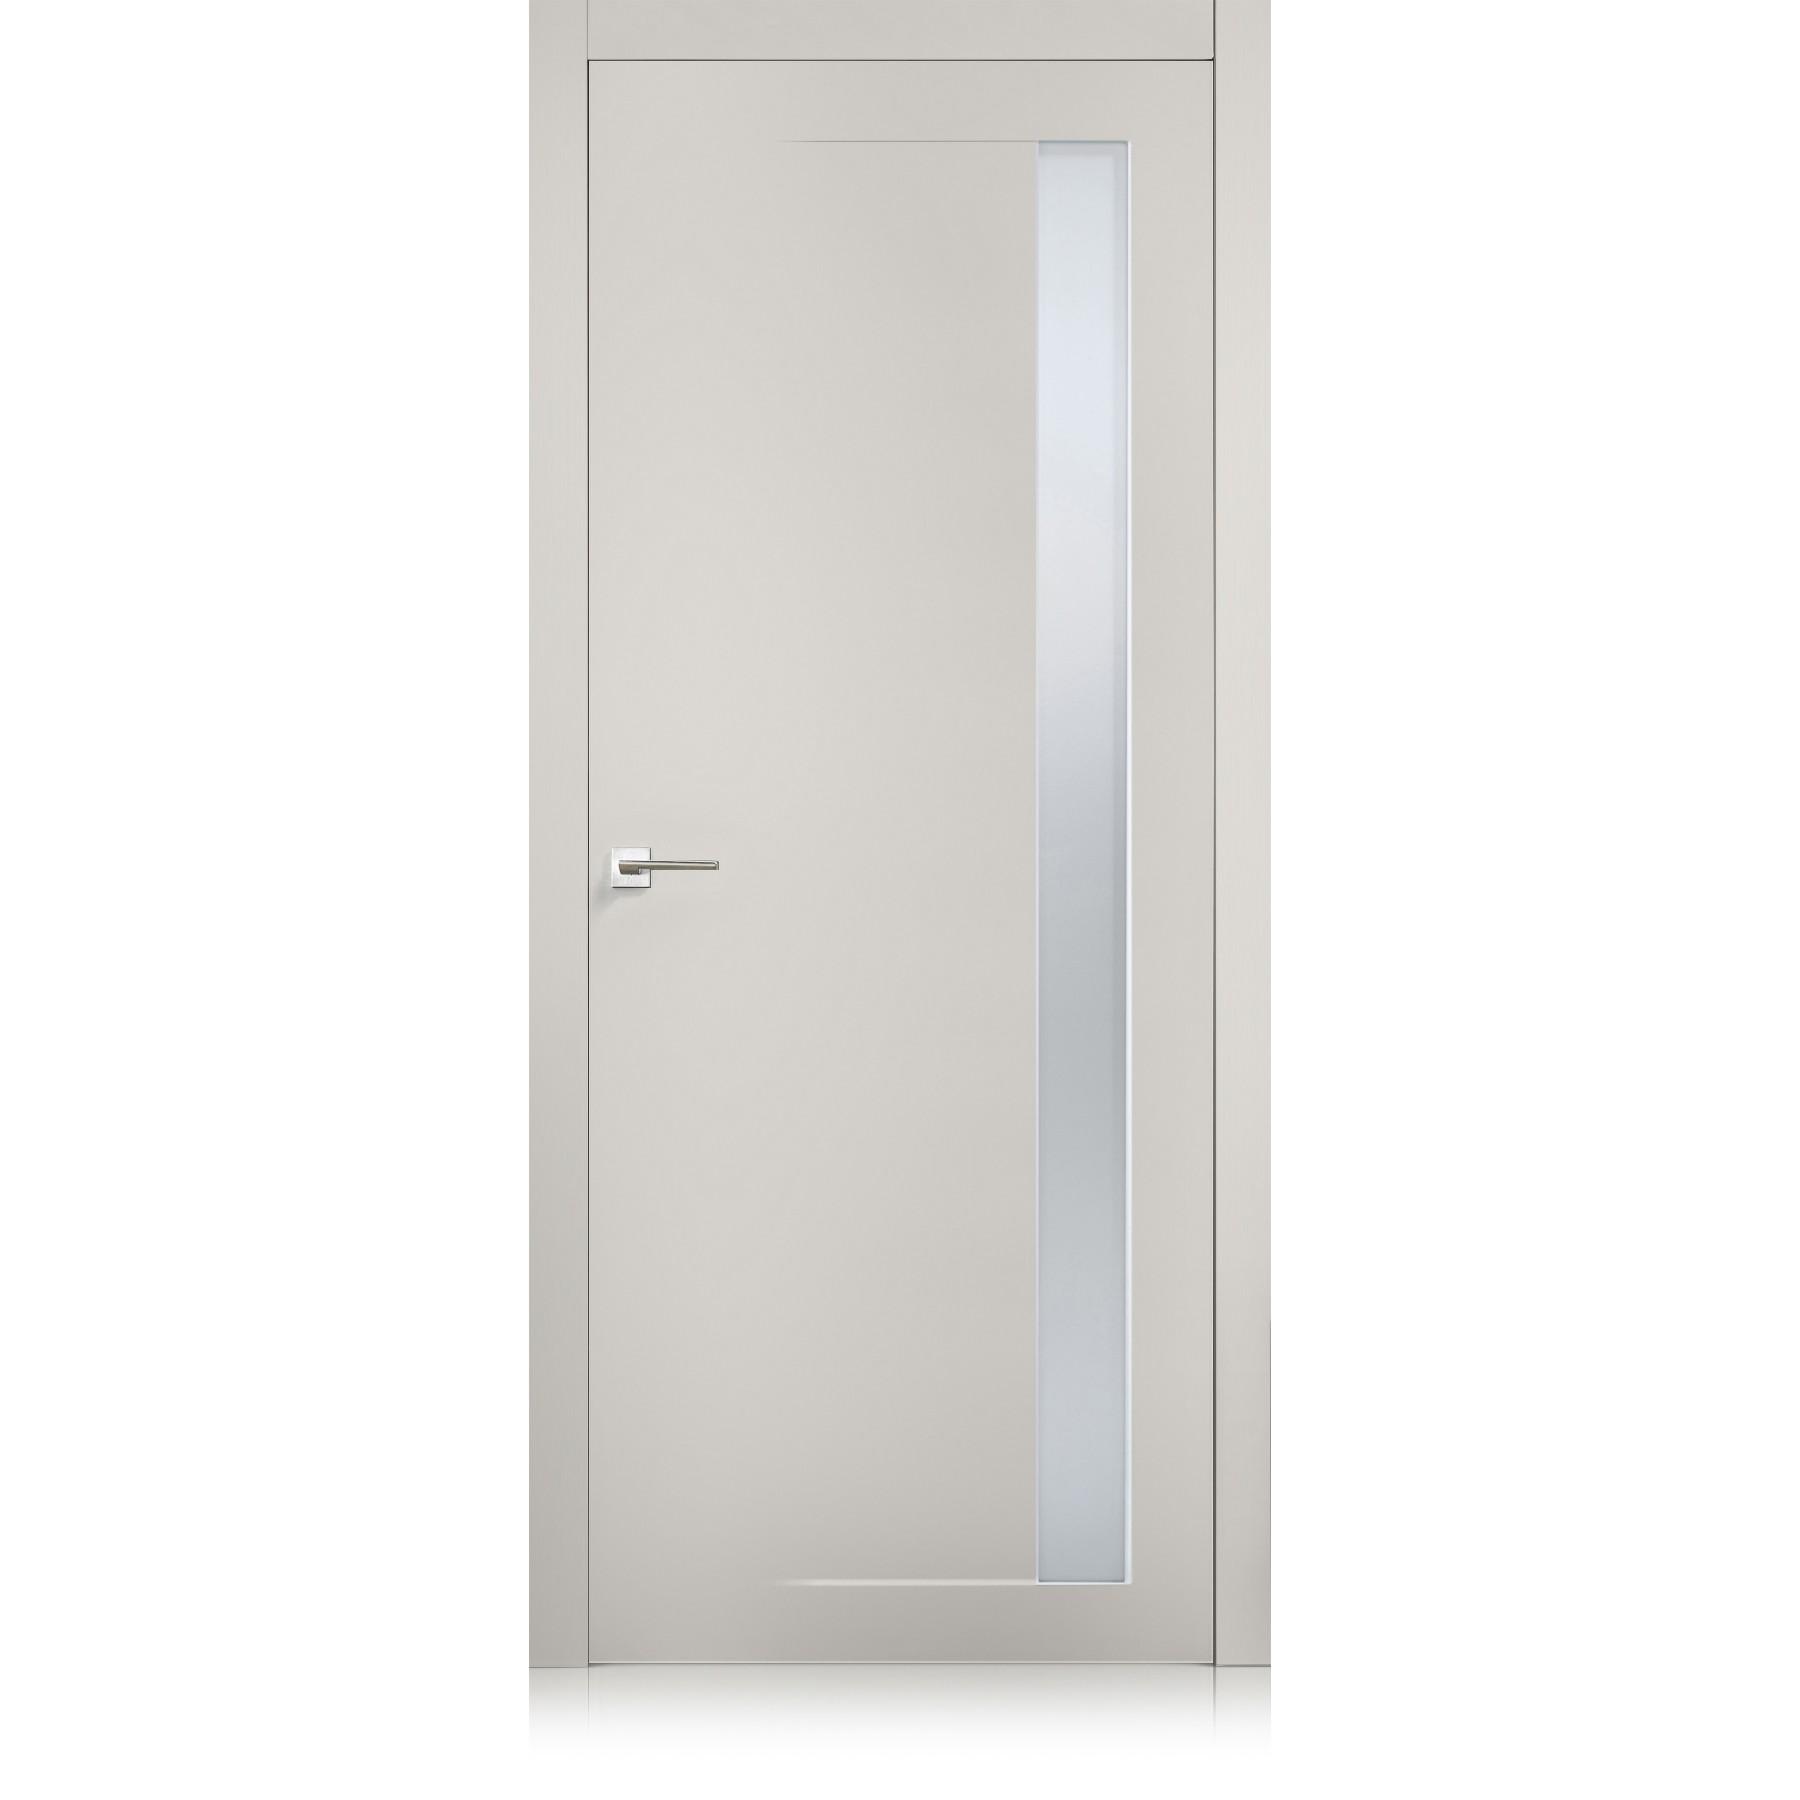 Tür Suite / 8 grigio lux